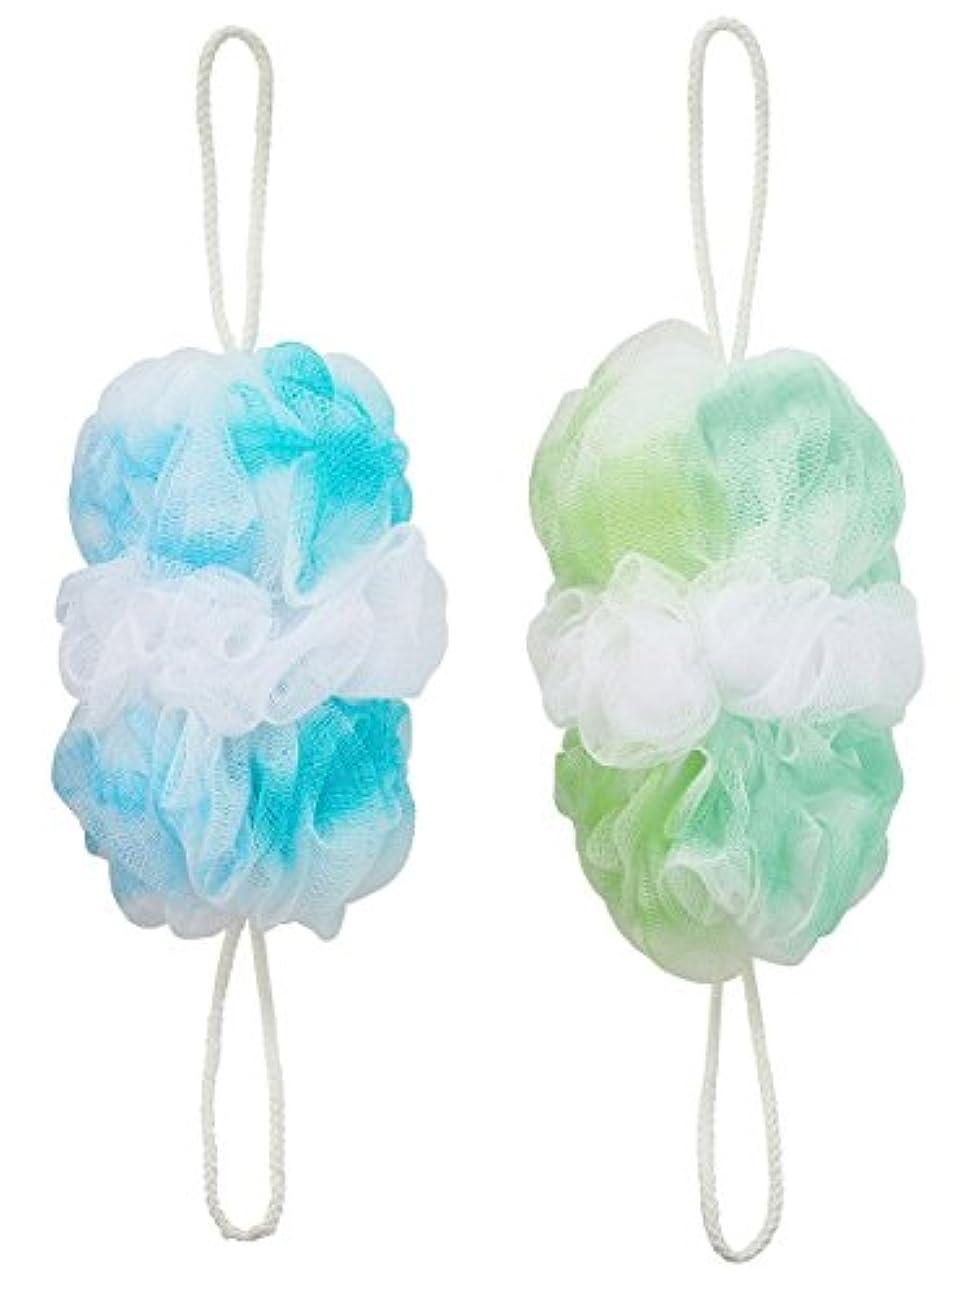 クラブリアルお互いマーナ 背中も洗えるシャボンボールオーロラ2色セット(B&G)